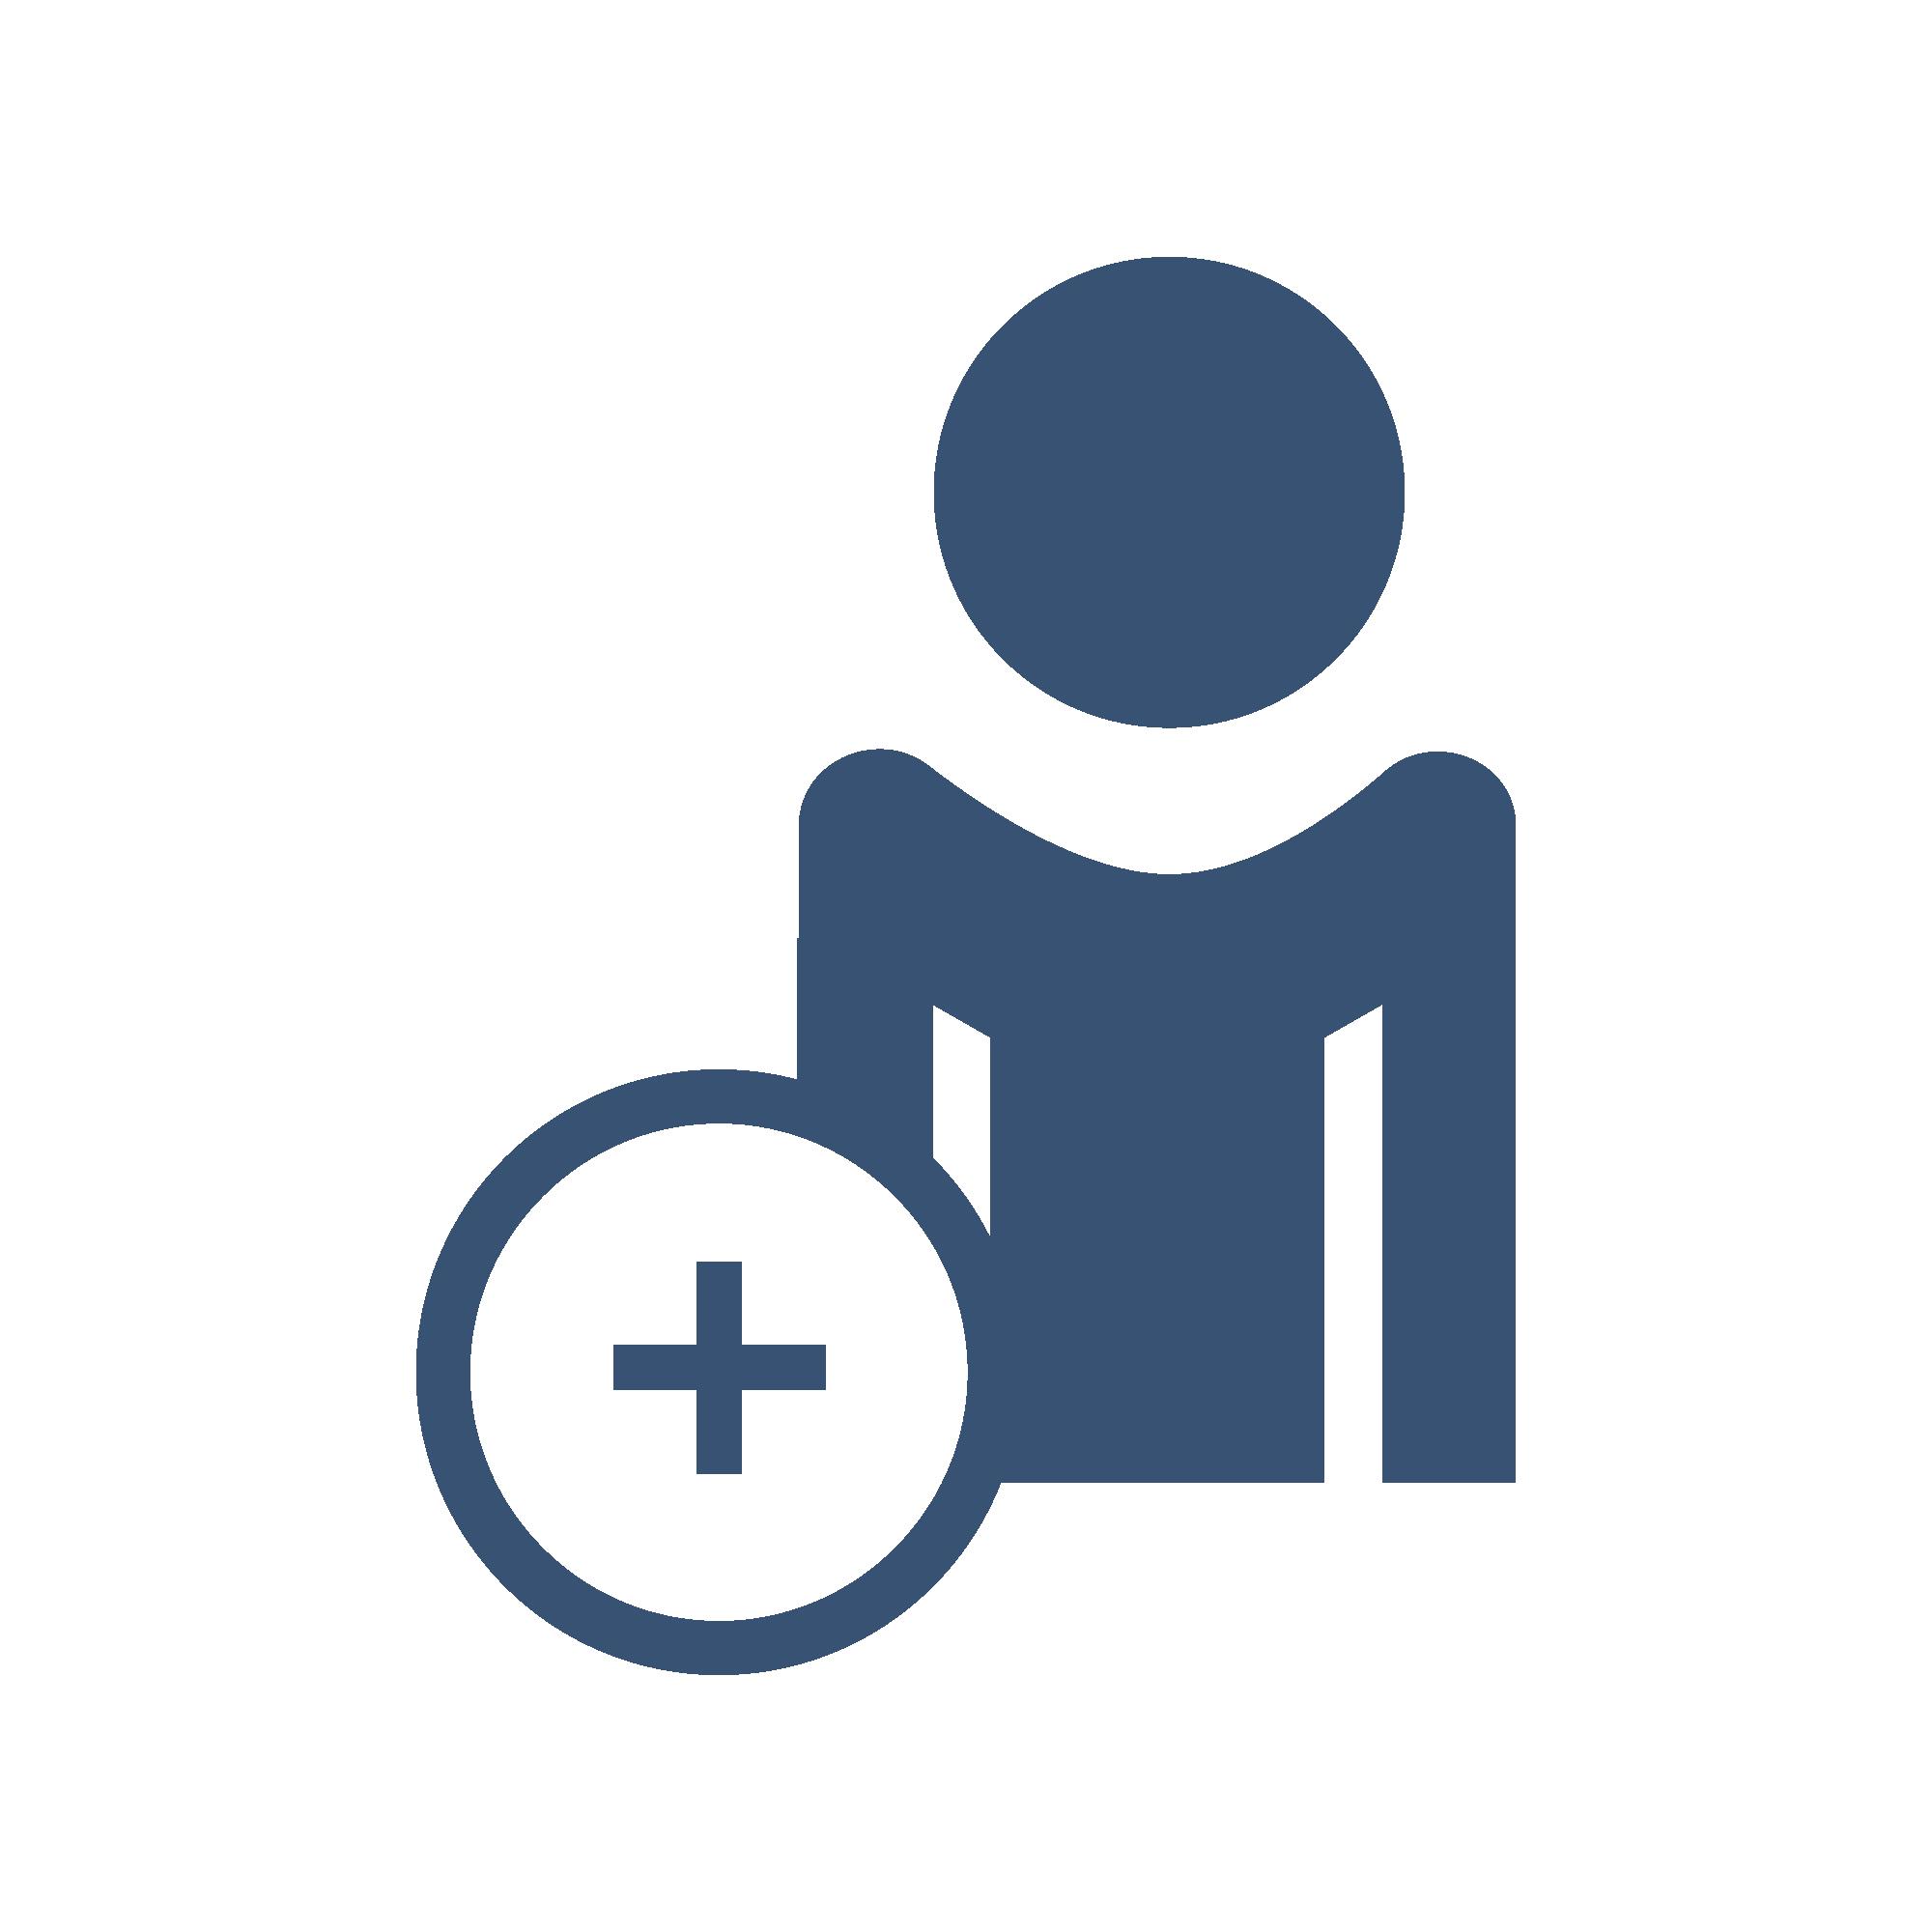 Mitarbeiterschulung Datenschutz - Step 3 User anlegen | emitarbeiterschulung.de